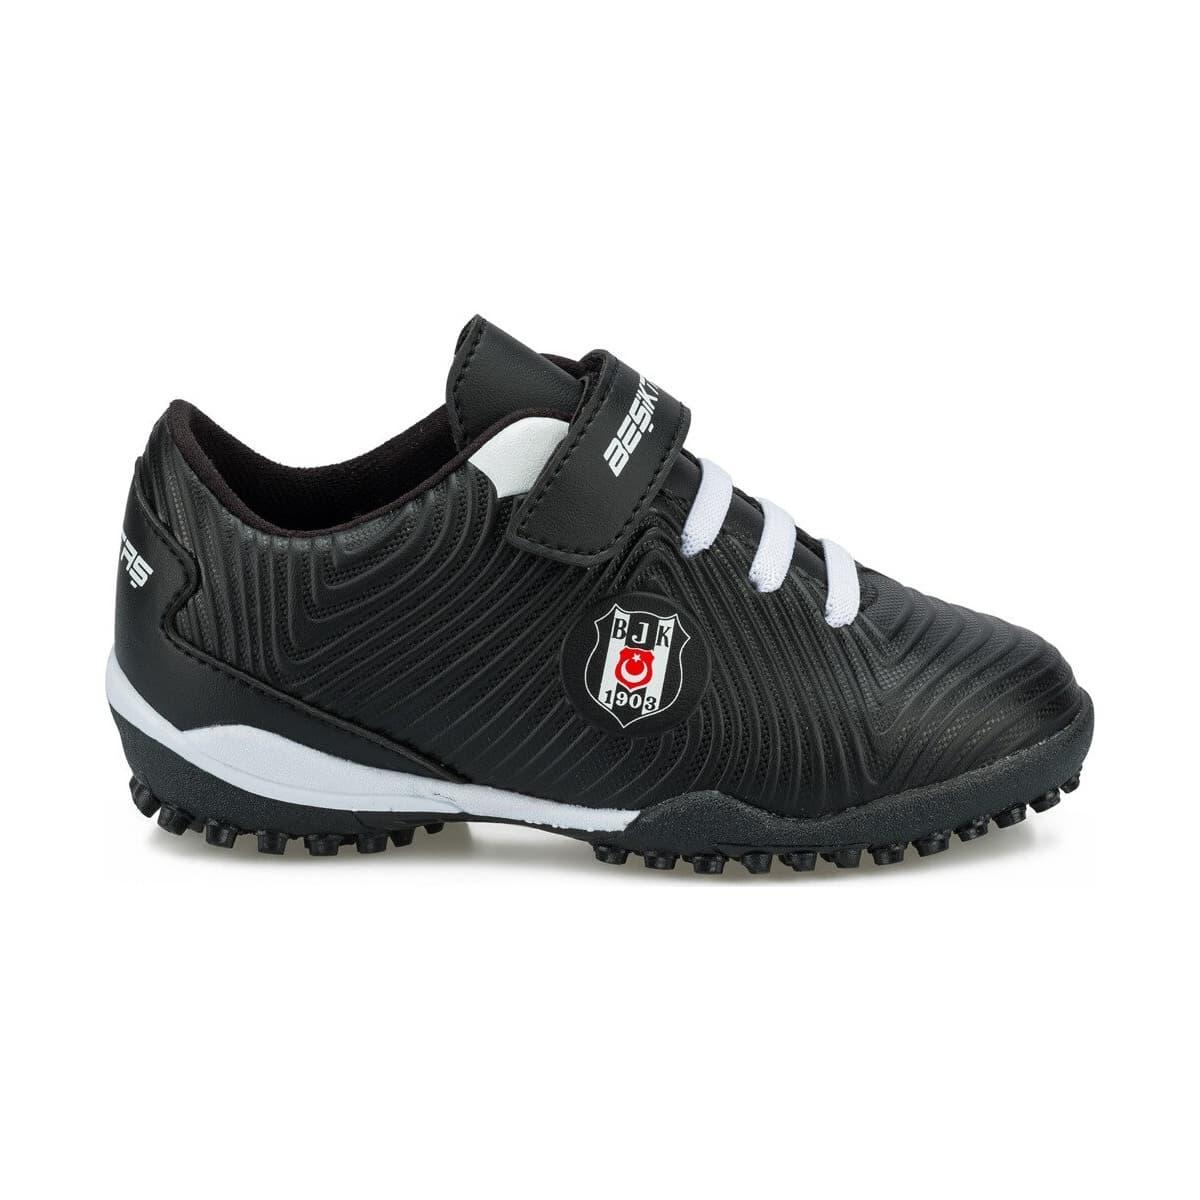 BJK Agron J Turf Çocuk Siyah Halı Saha Ayakkabısı (100511947)